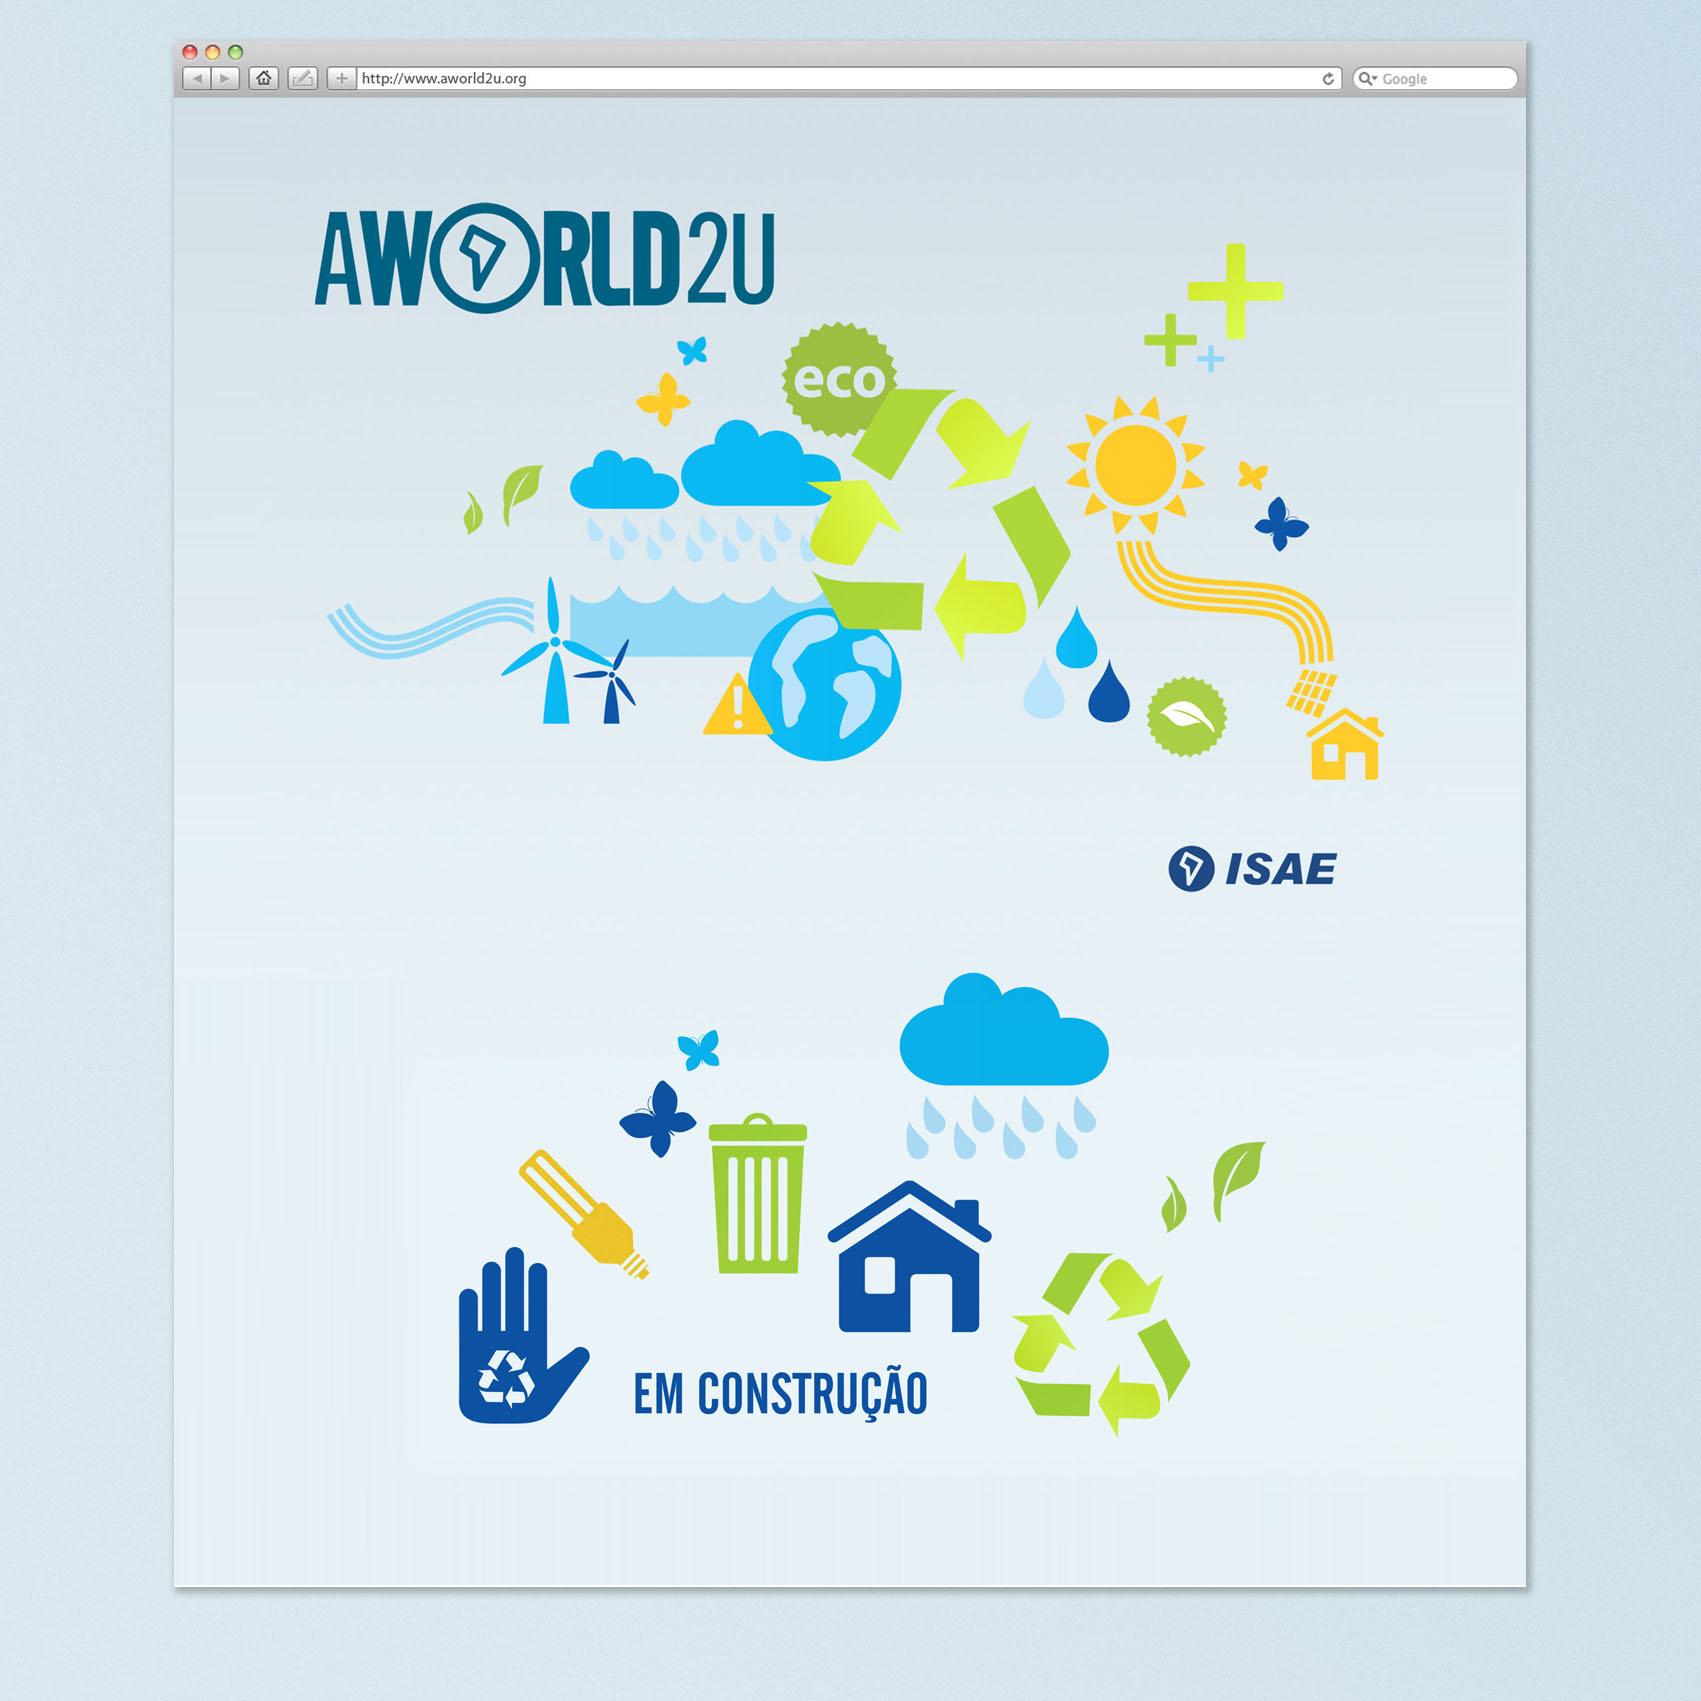 portal-aworld2u-pictogramas-ilustracoes-03-c